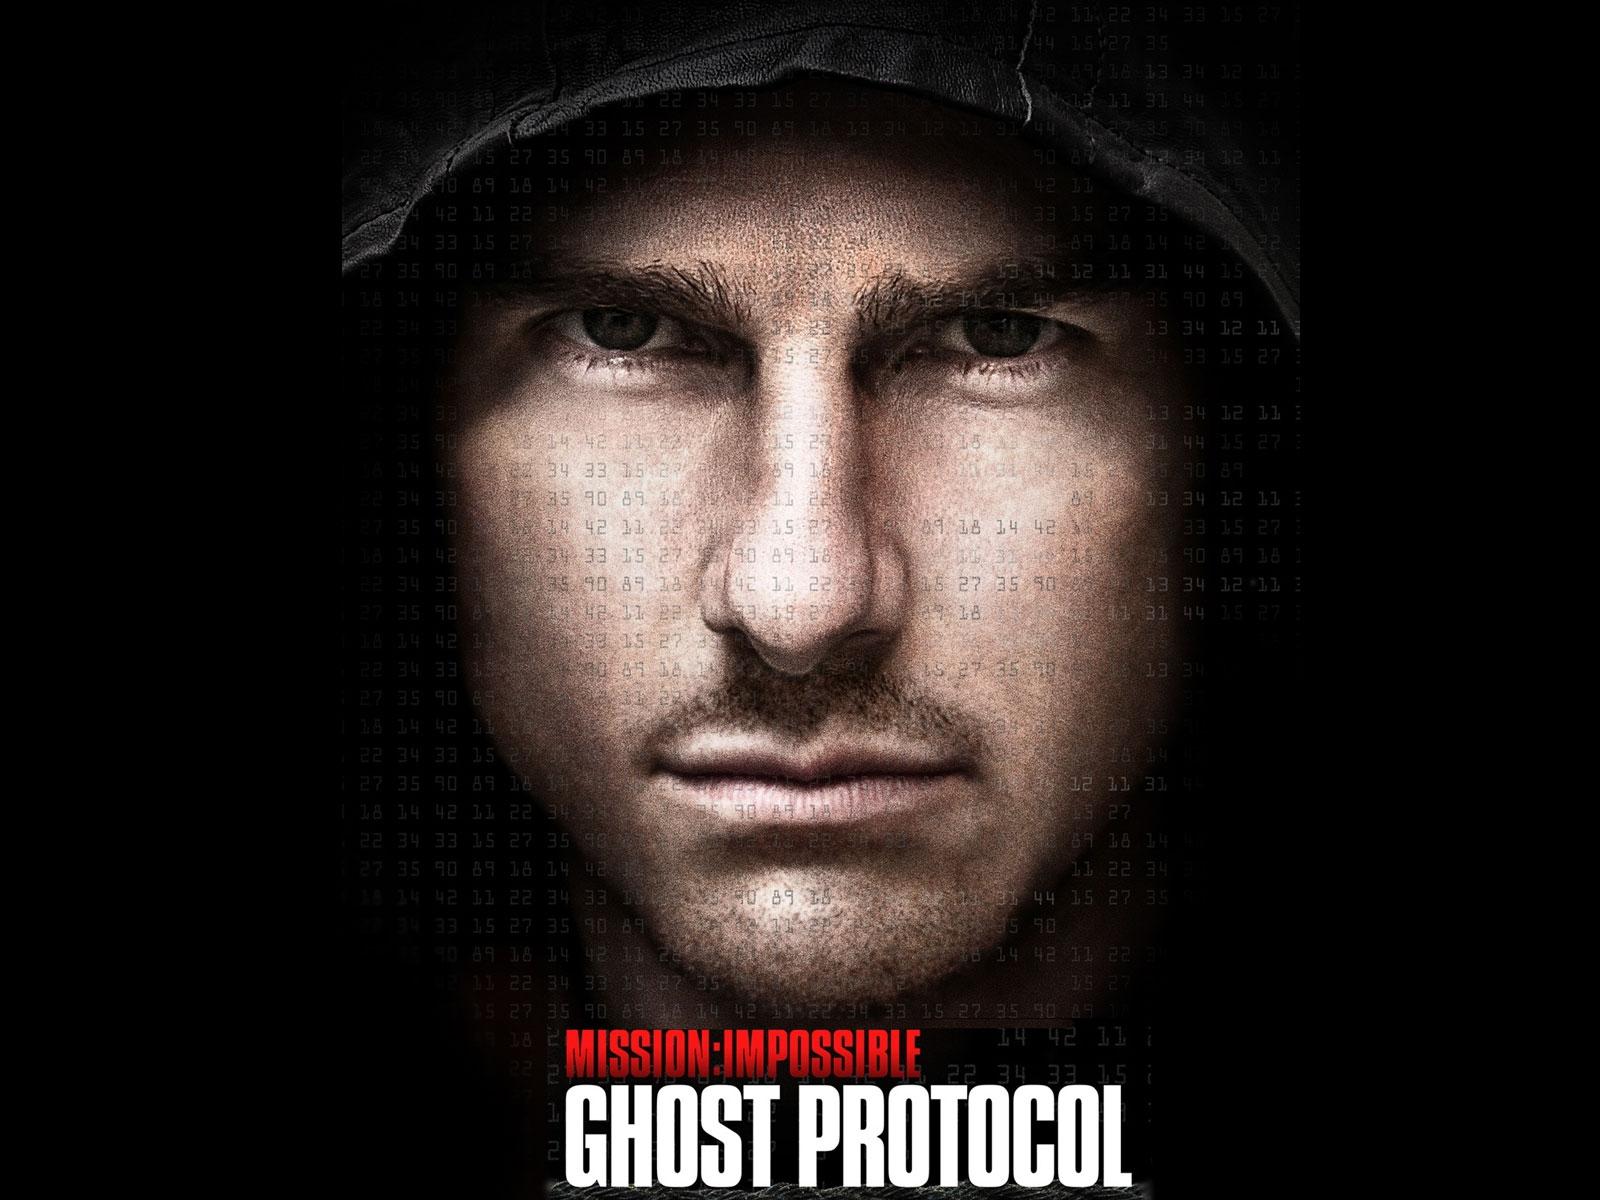 Les détails du film Mission Impossible 5